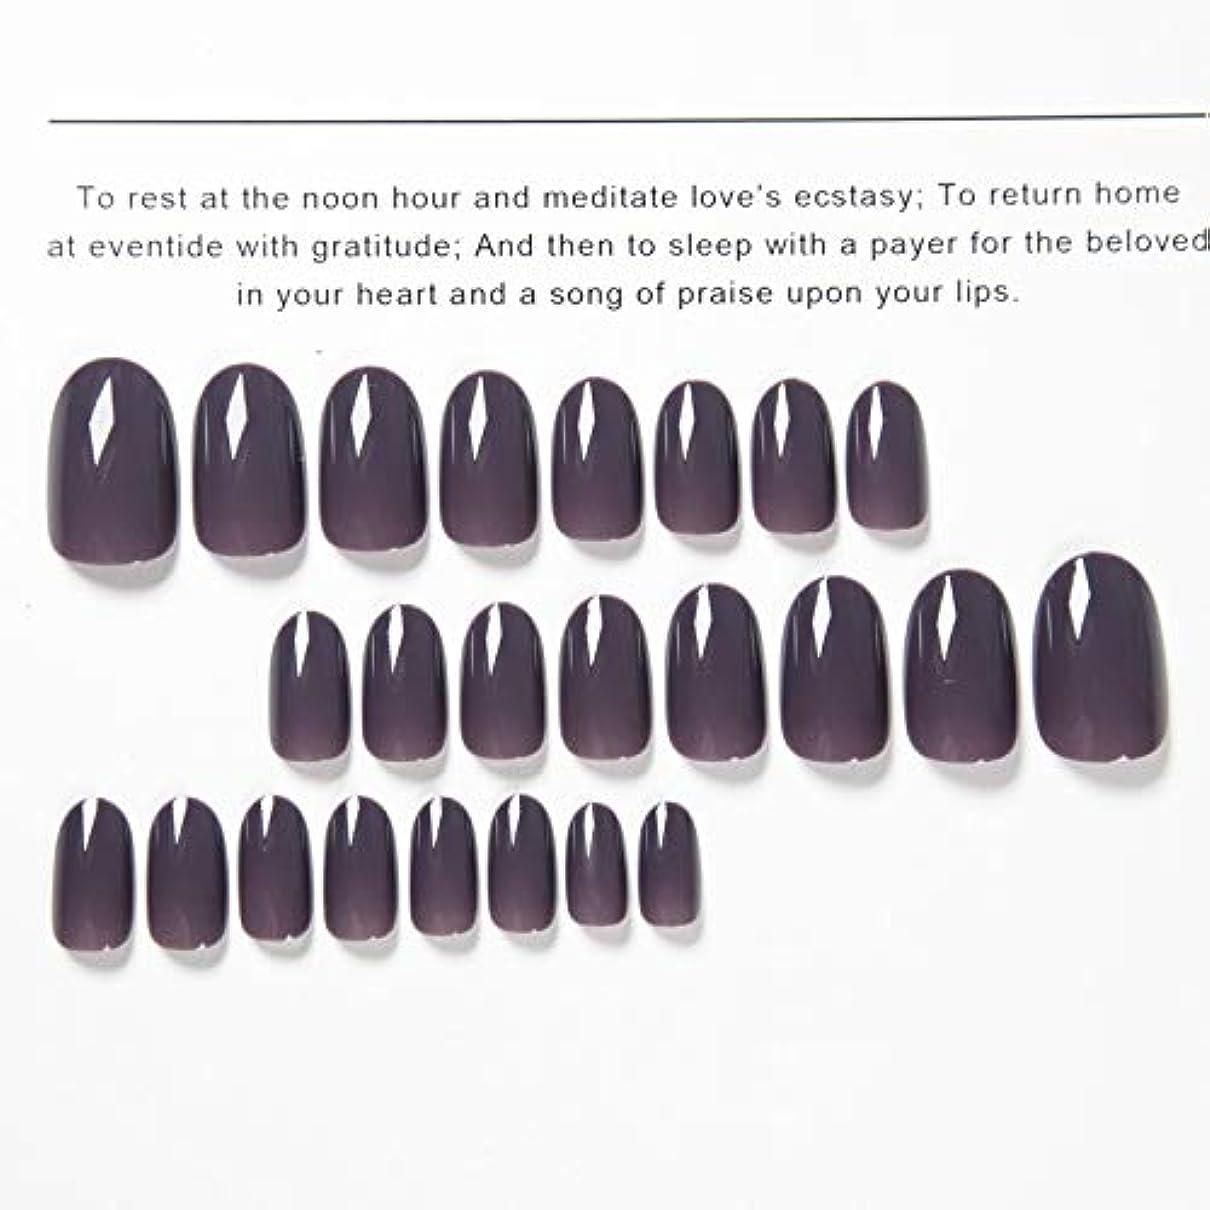 草神社その後AFAEF HOME 偽の釘の古典24本の釘の釘のテープが付いている出版物の紫色